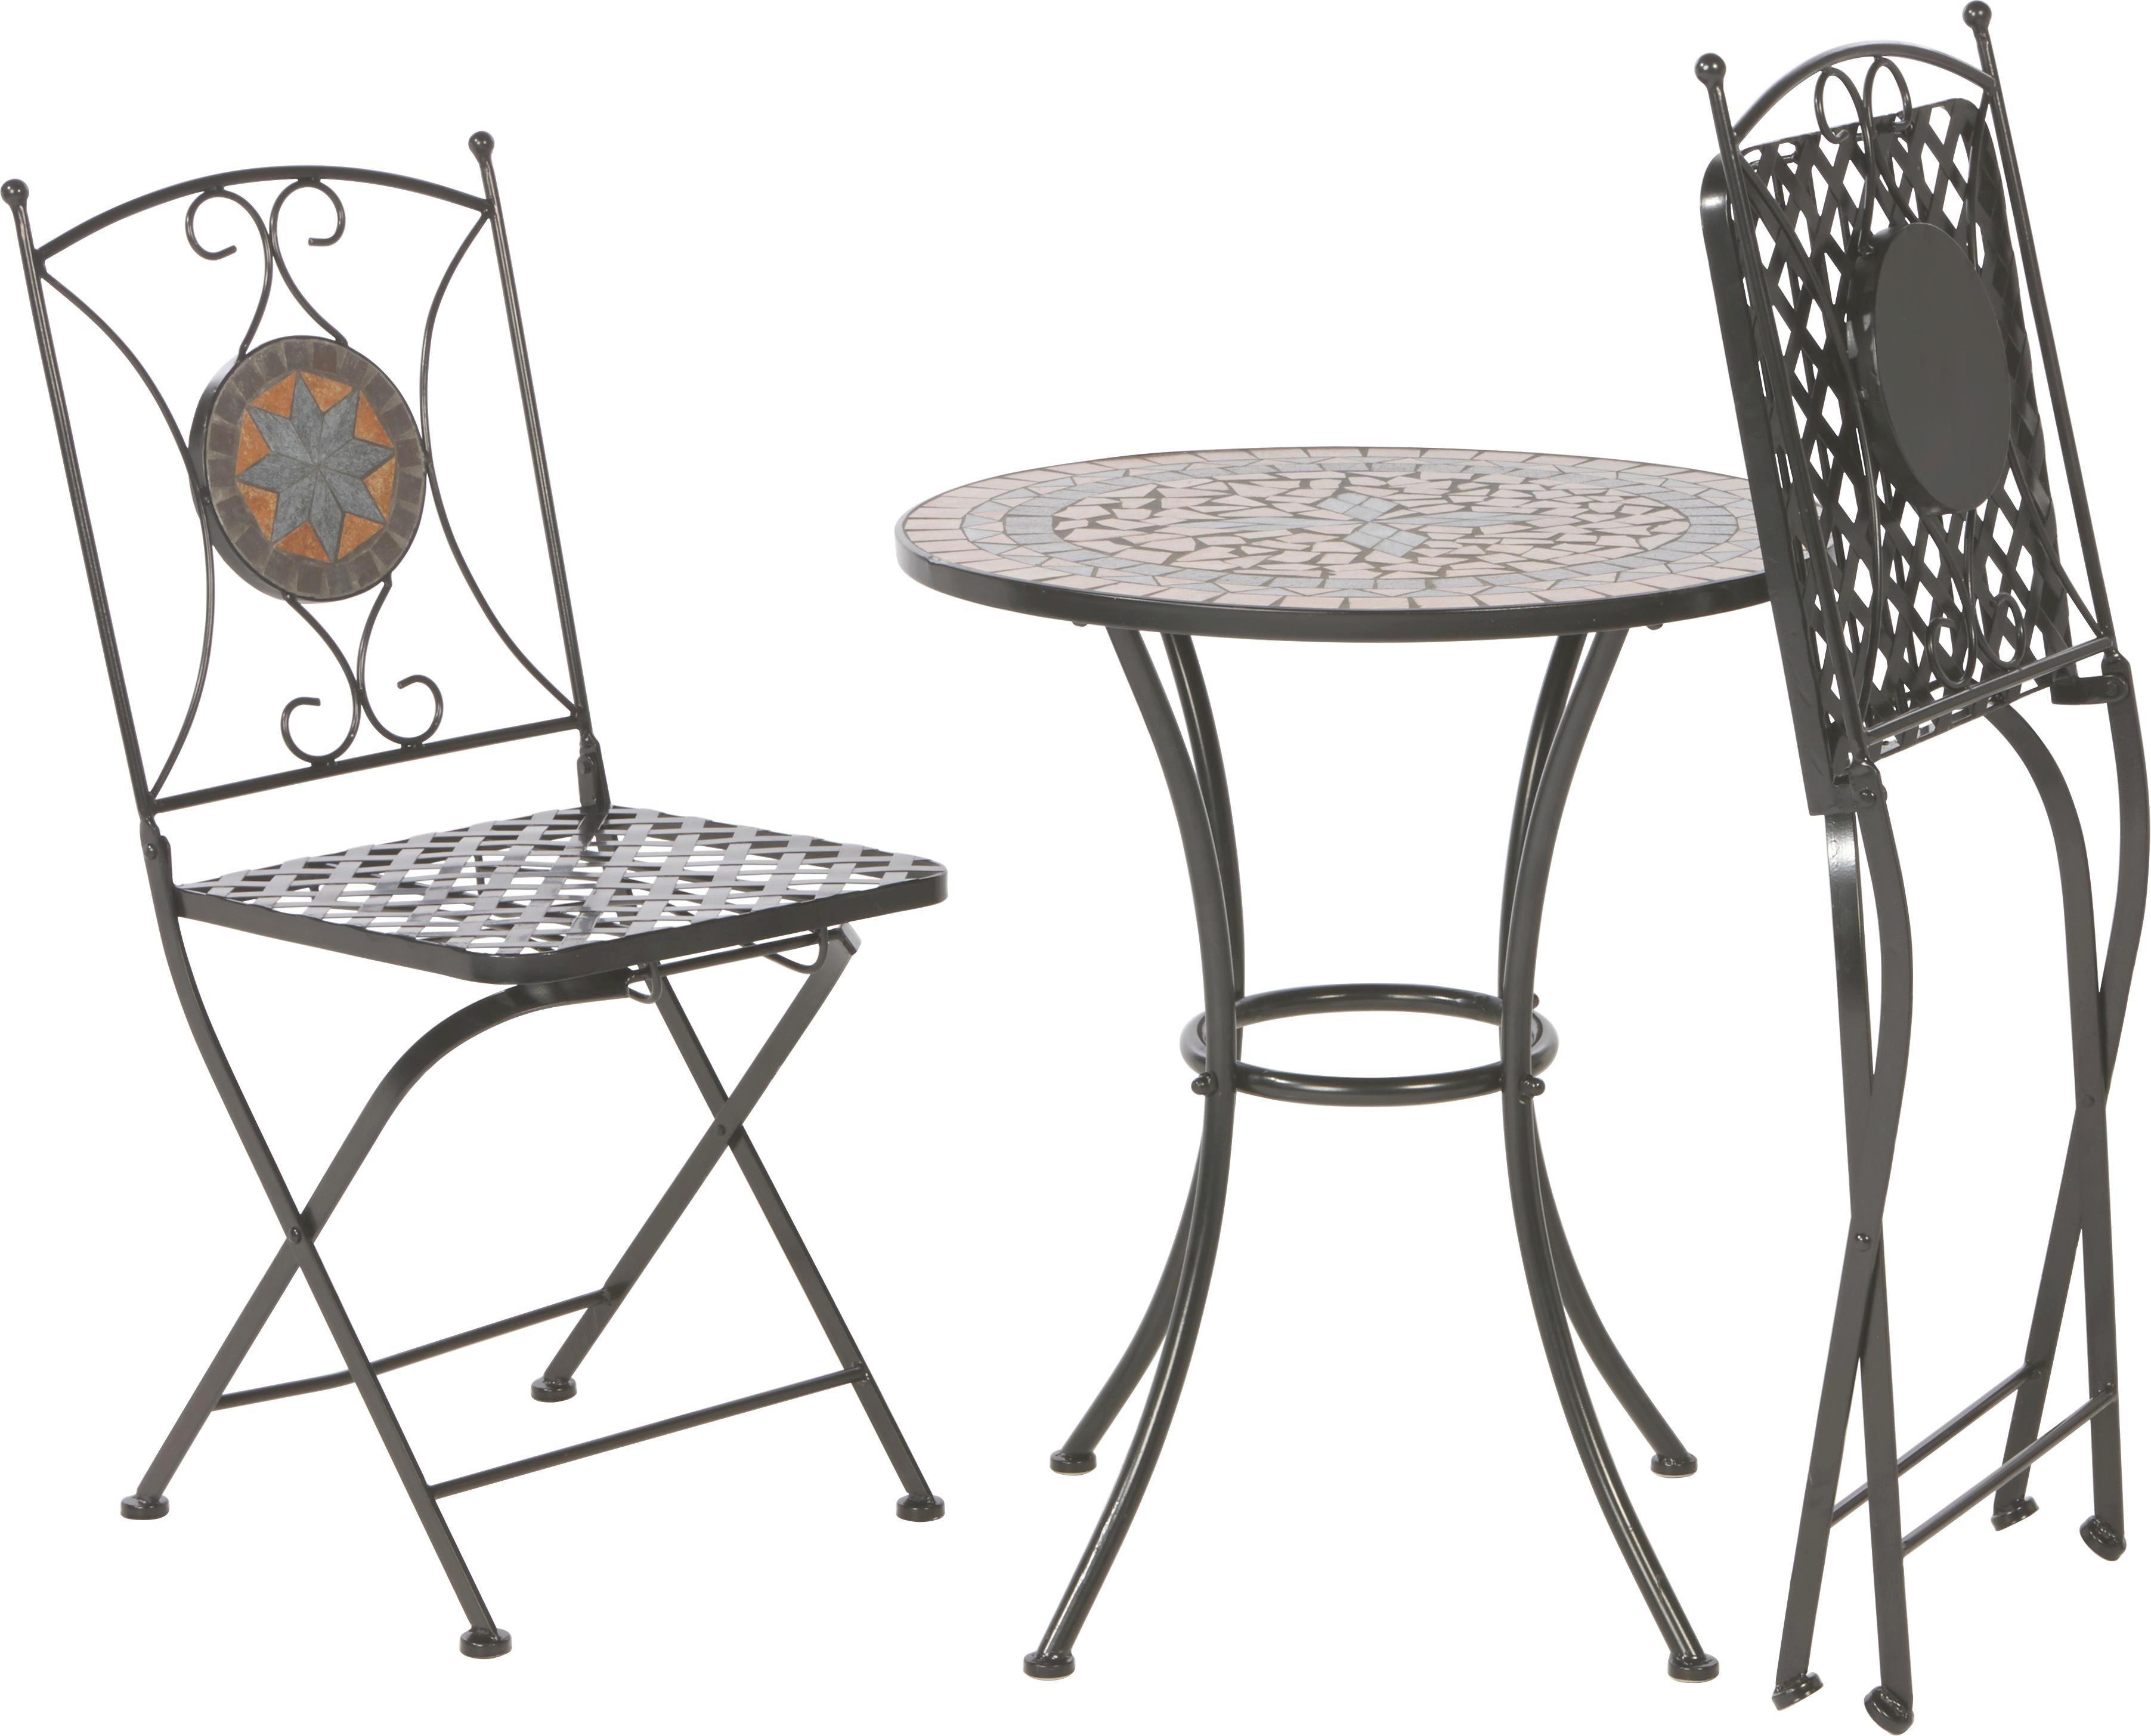 SET ZA BALKON - črna/večbarvno, Trendi, kovina/keramika (60/36/72/91/60/35cm) - AMBIA GARDEN